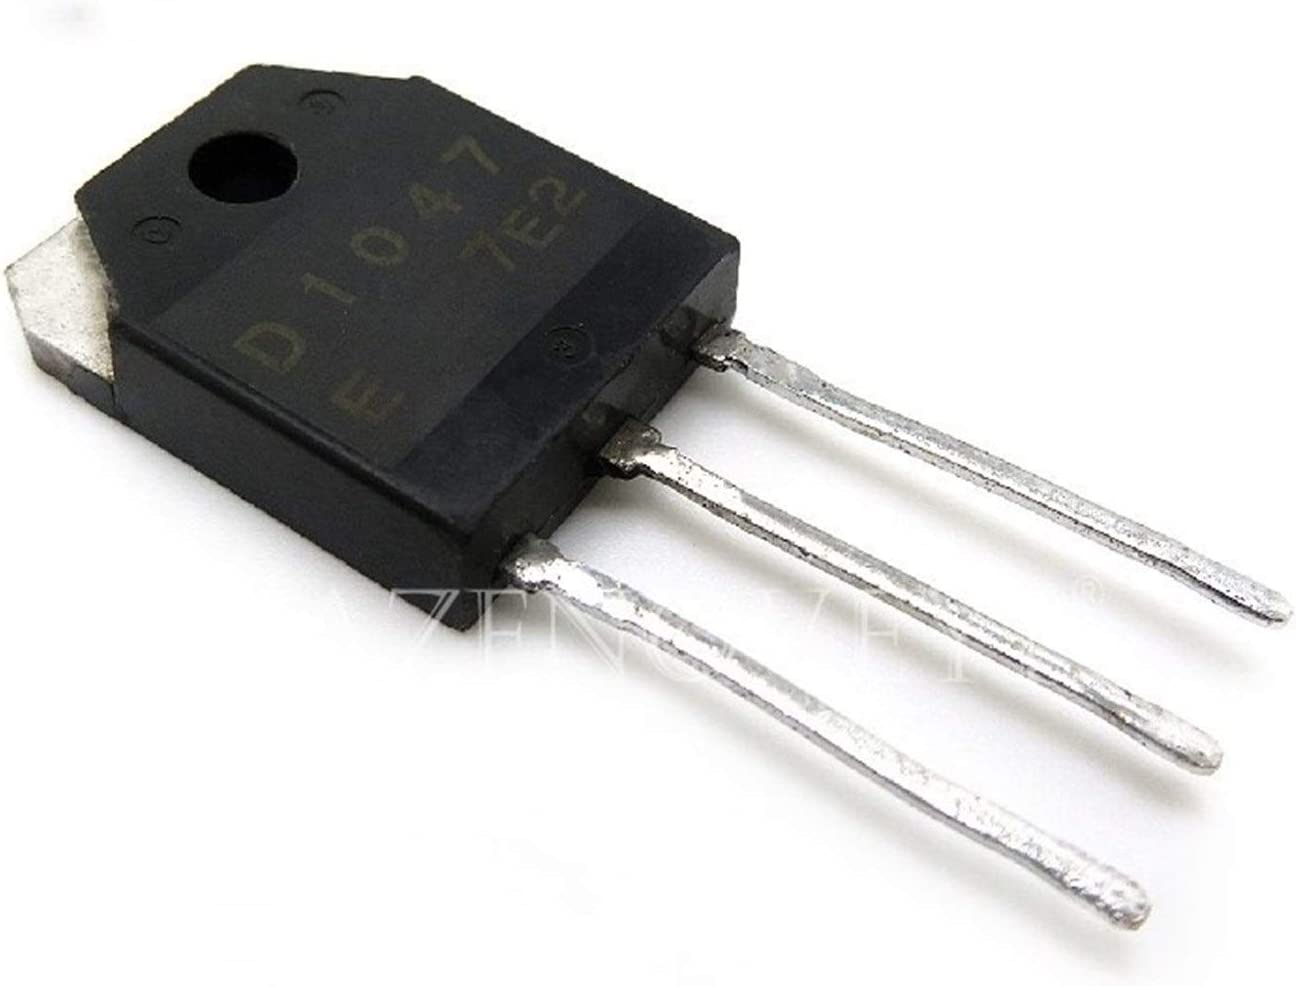 Jgzwlkj Transistor 5pcs / Lot Nueva 2SD1047 D1047 12A / 140V transistores-247 En Stock